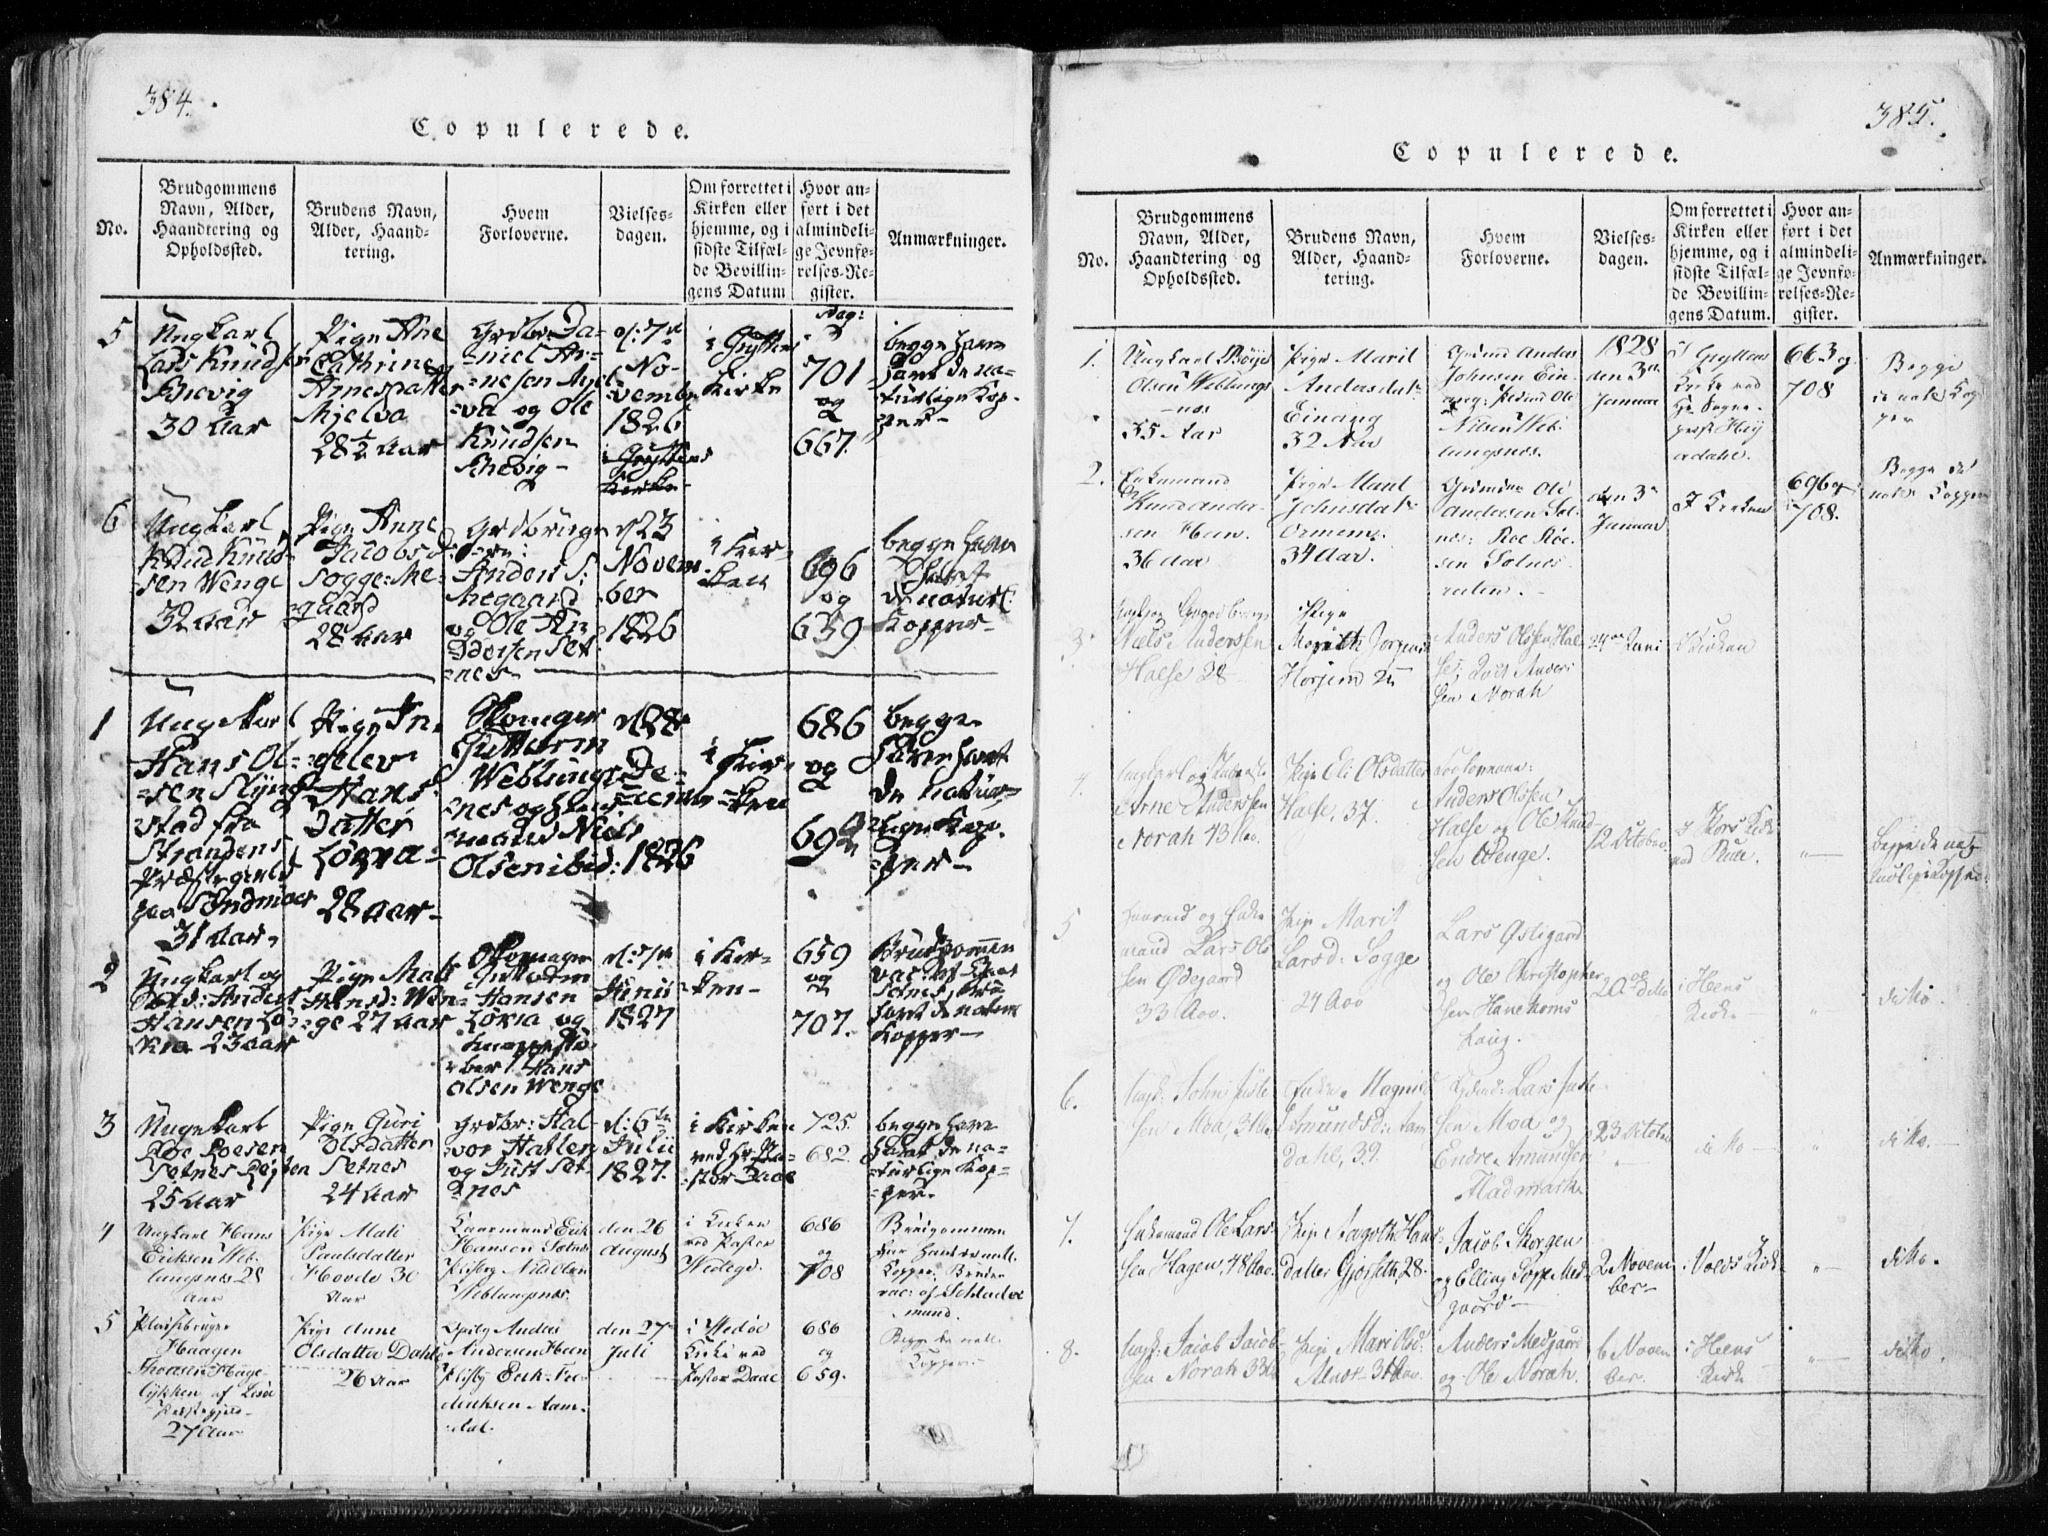 SAT, Ministerialprotokoller, klokkerbøker og fødselsregistre - Møre og Romsdal, 544/L0571: Ministerialbok nr. 544A04, 1818-1853, s. 384-385